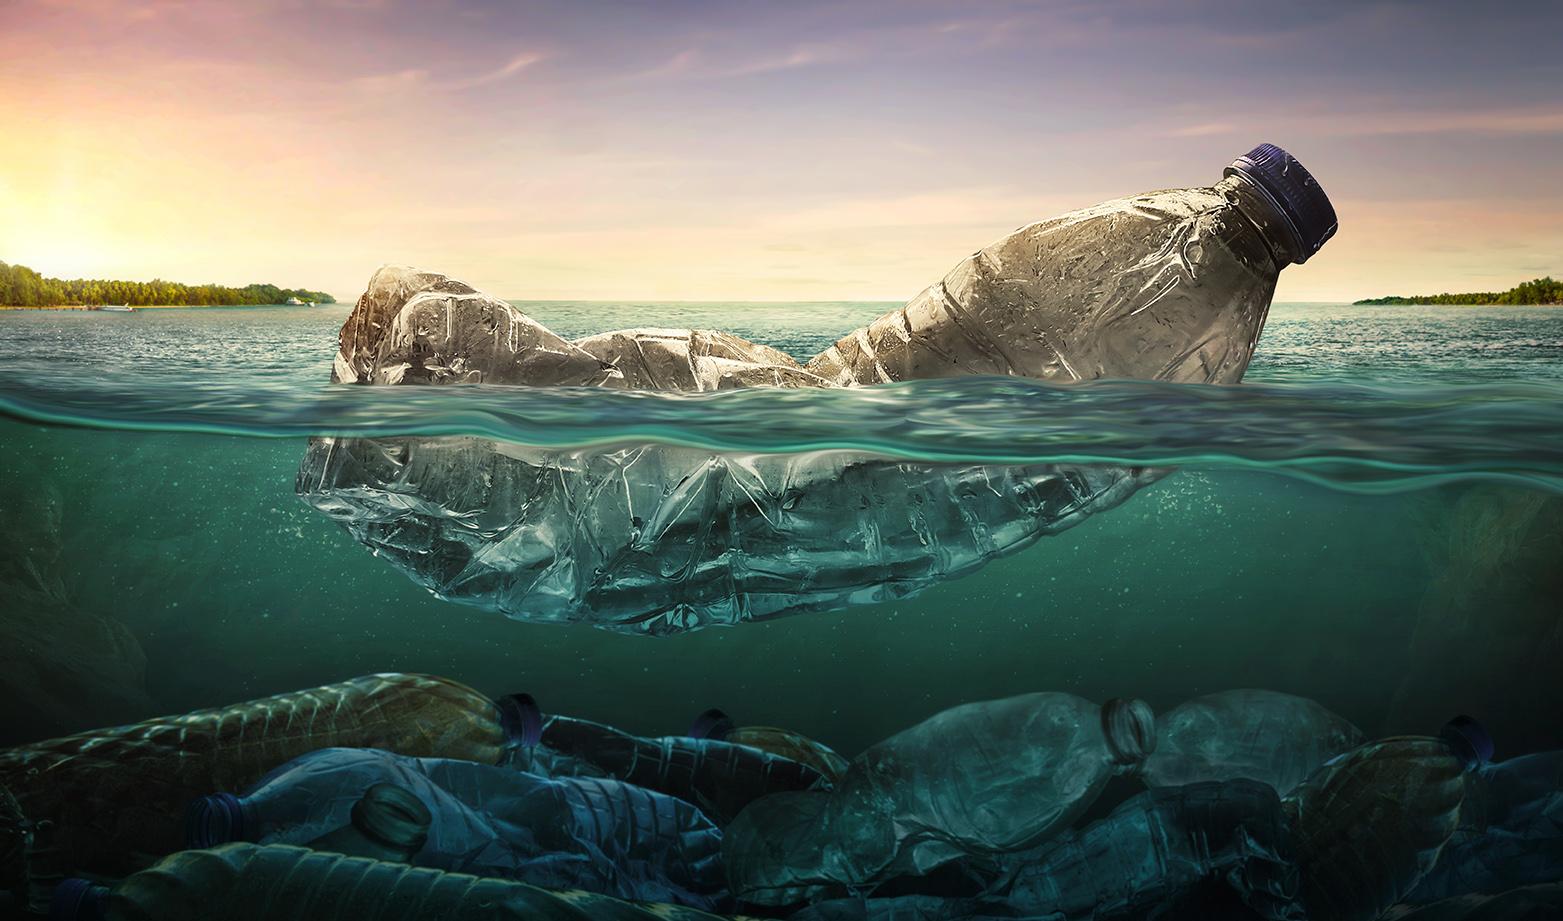 ochrona środowiska śmieci w wodzie